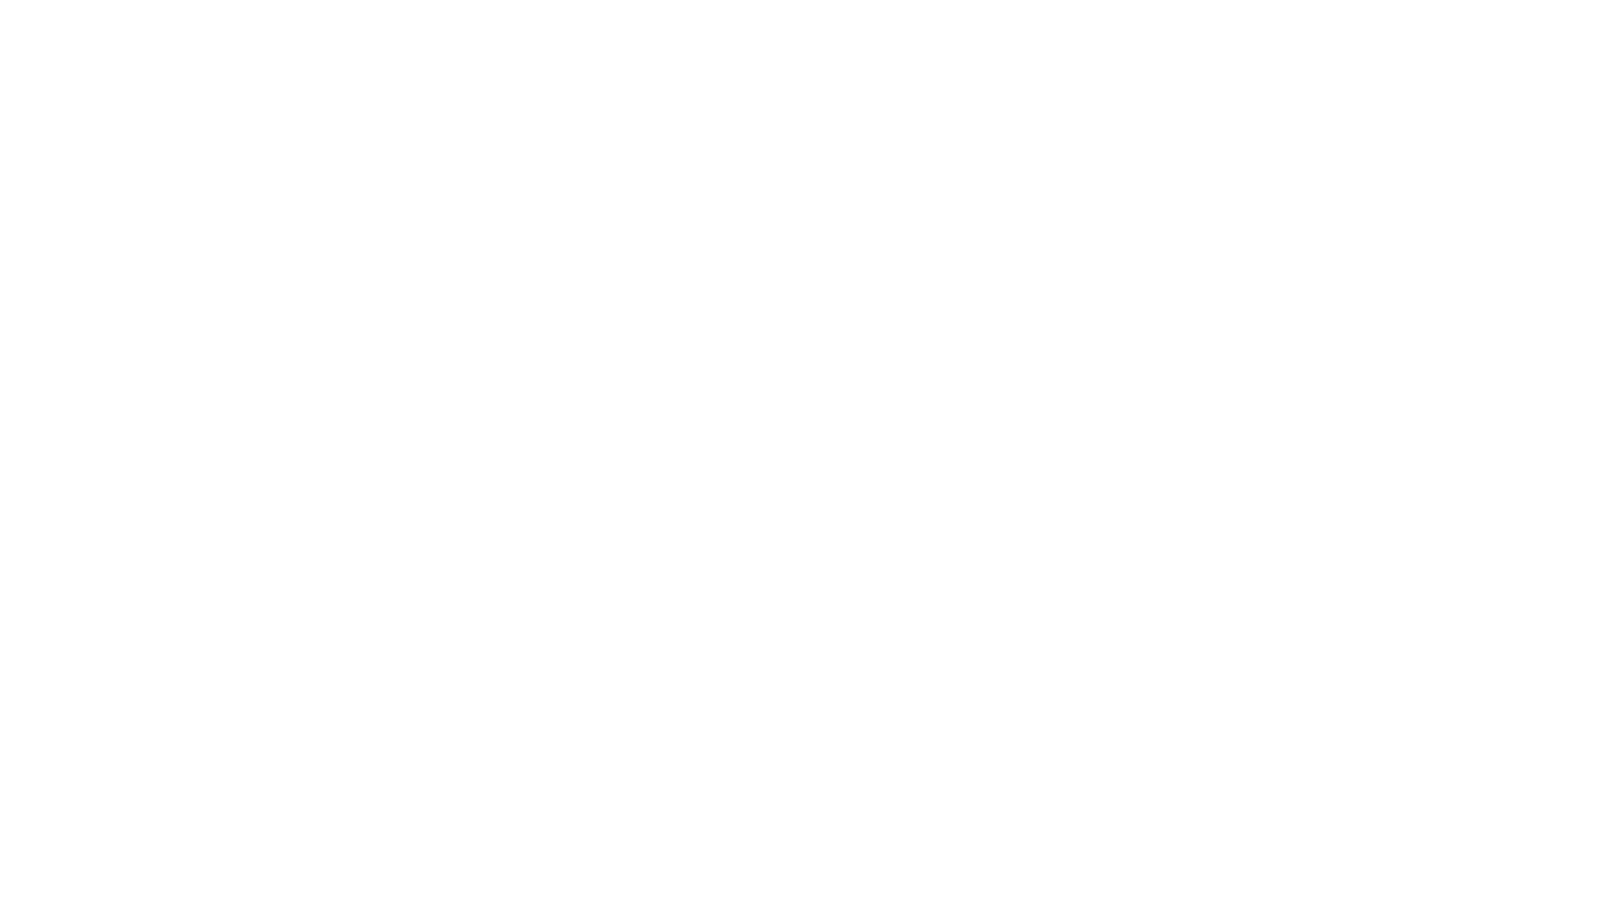 Convidamos o Dr. Daniel Schubert para conversar sobre quais estão sendo os principais desafios da linha de frente no combate à pandemia. Como as equipes da linha de frente vêm atuando? Se você tem interesse nesse tema, não perca essa live!  Palestrante: Dr. Daniel Schubert Mediador: Tainara Torres